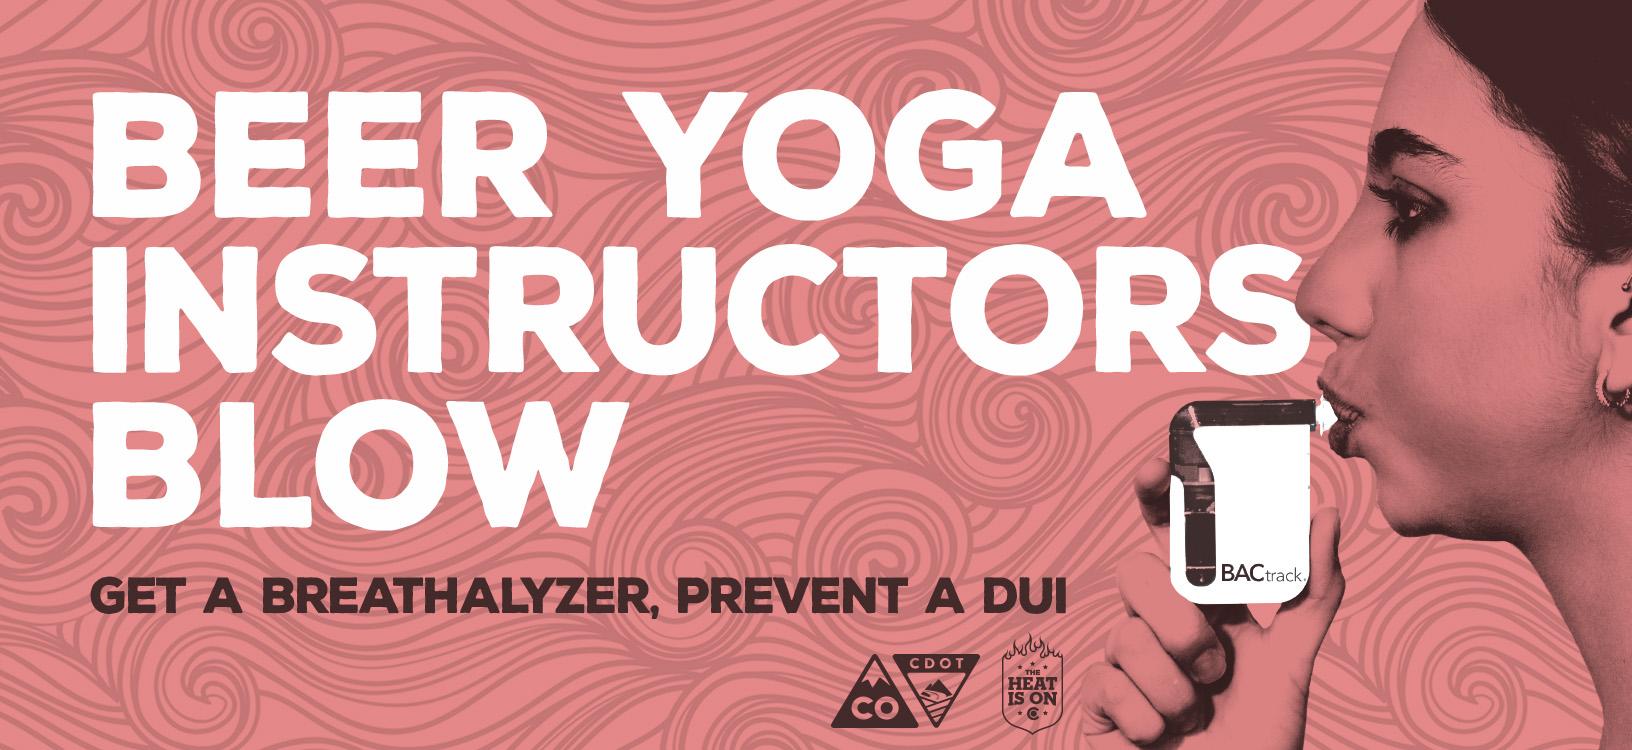 Beer Yoga Instructors.jpg